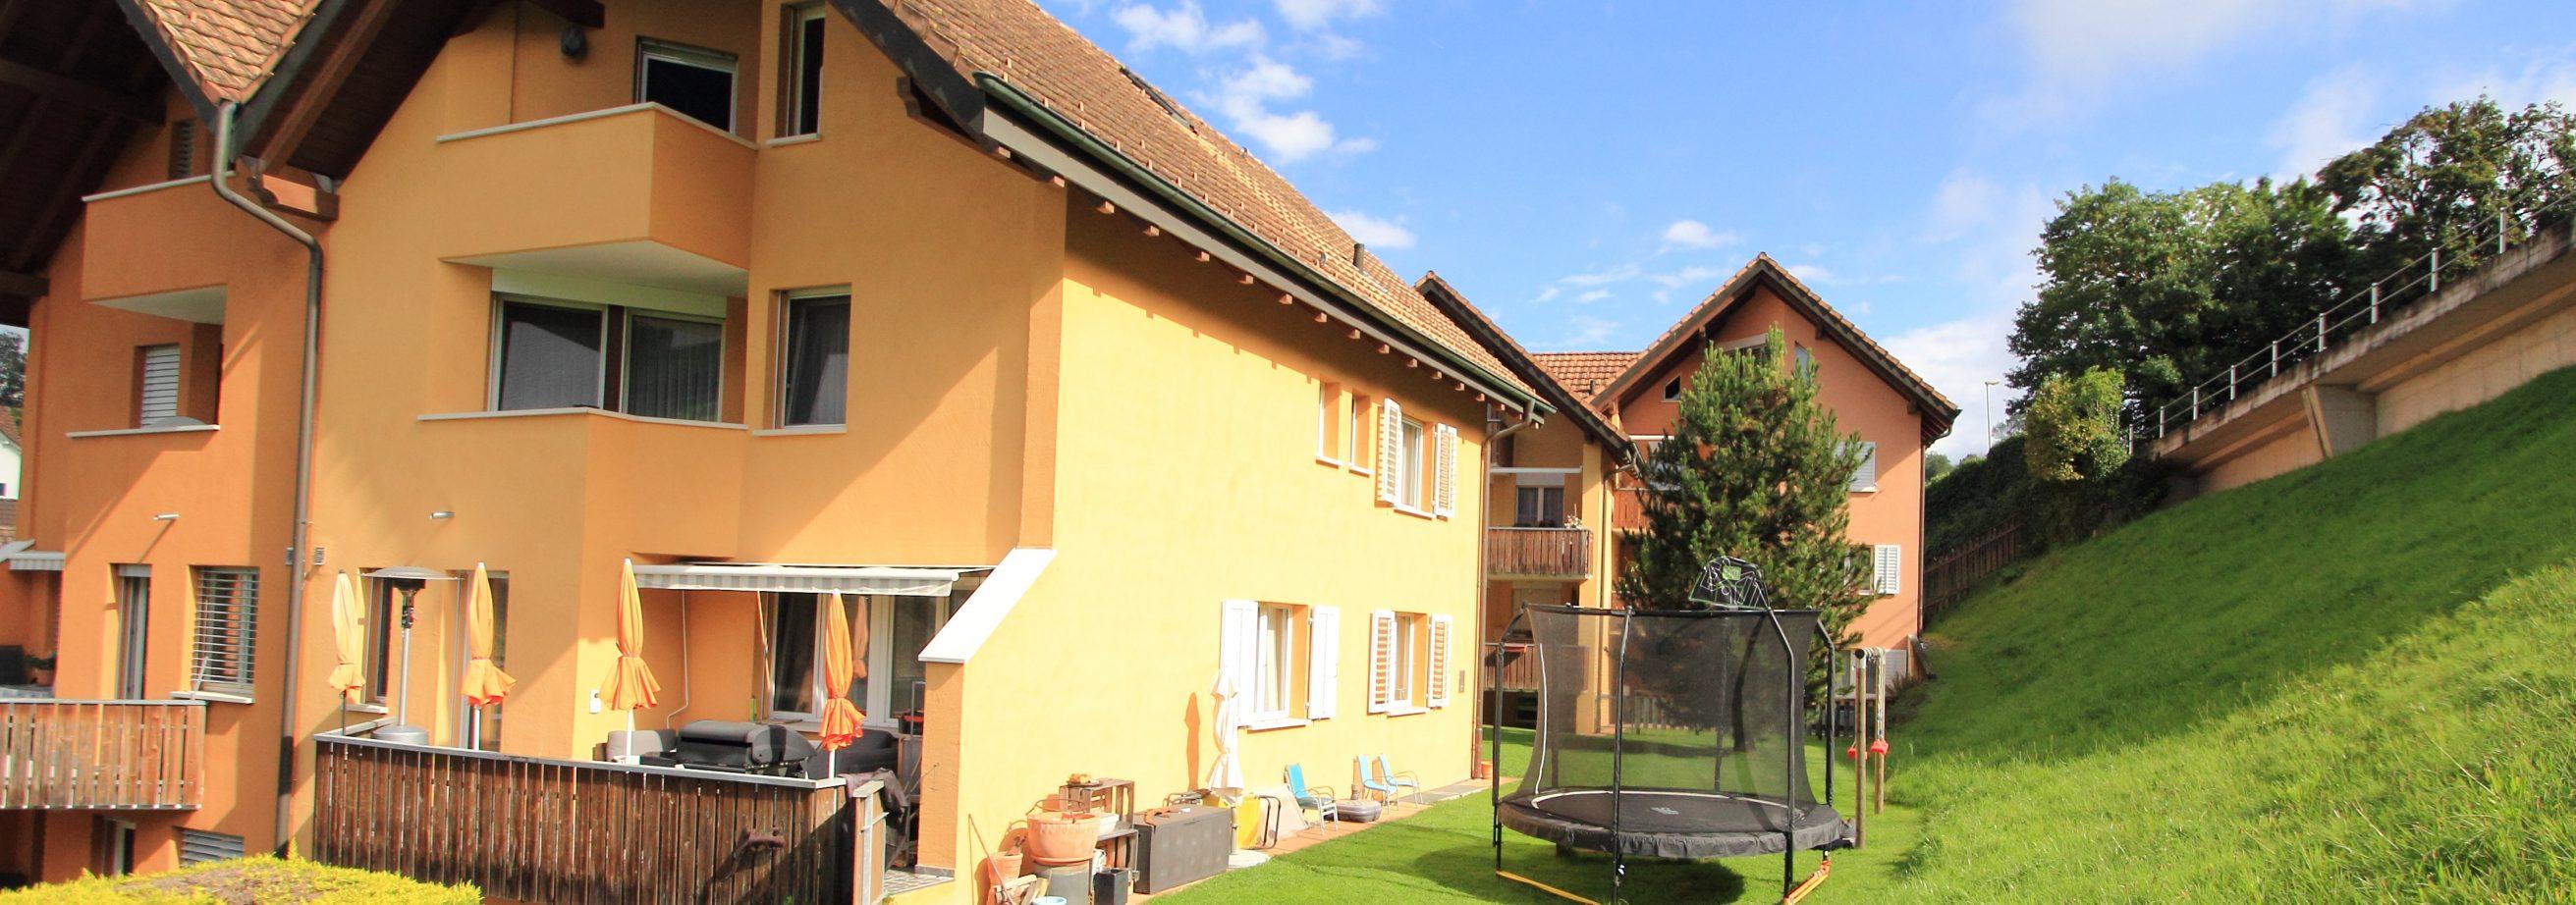 7,5 Zimmer Maisonettewohnung | familienfreundliche Lage | Schellenberg